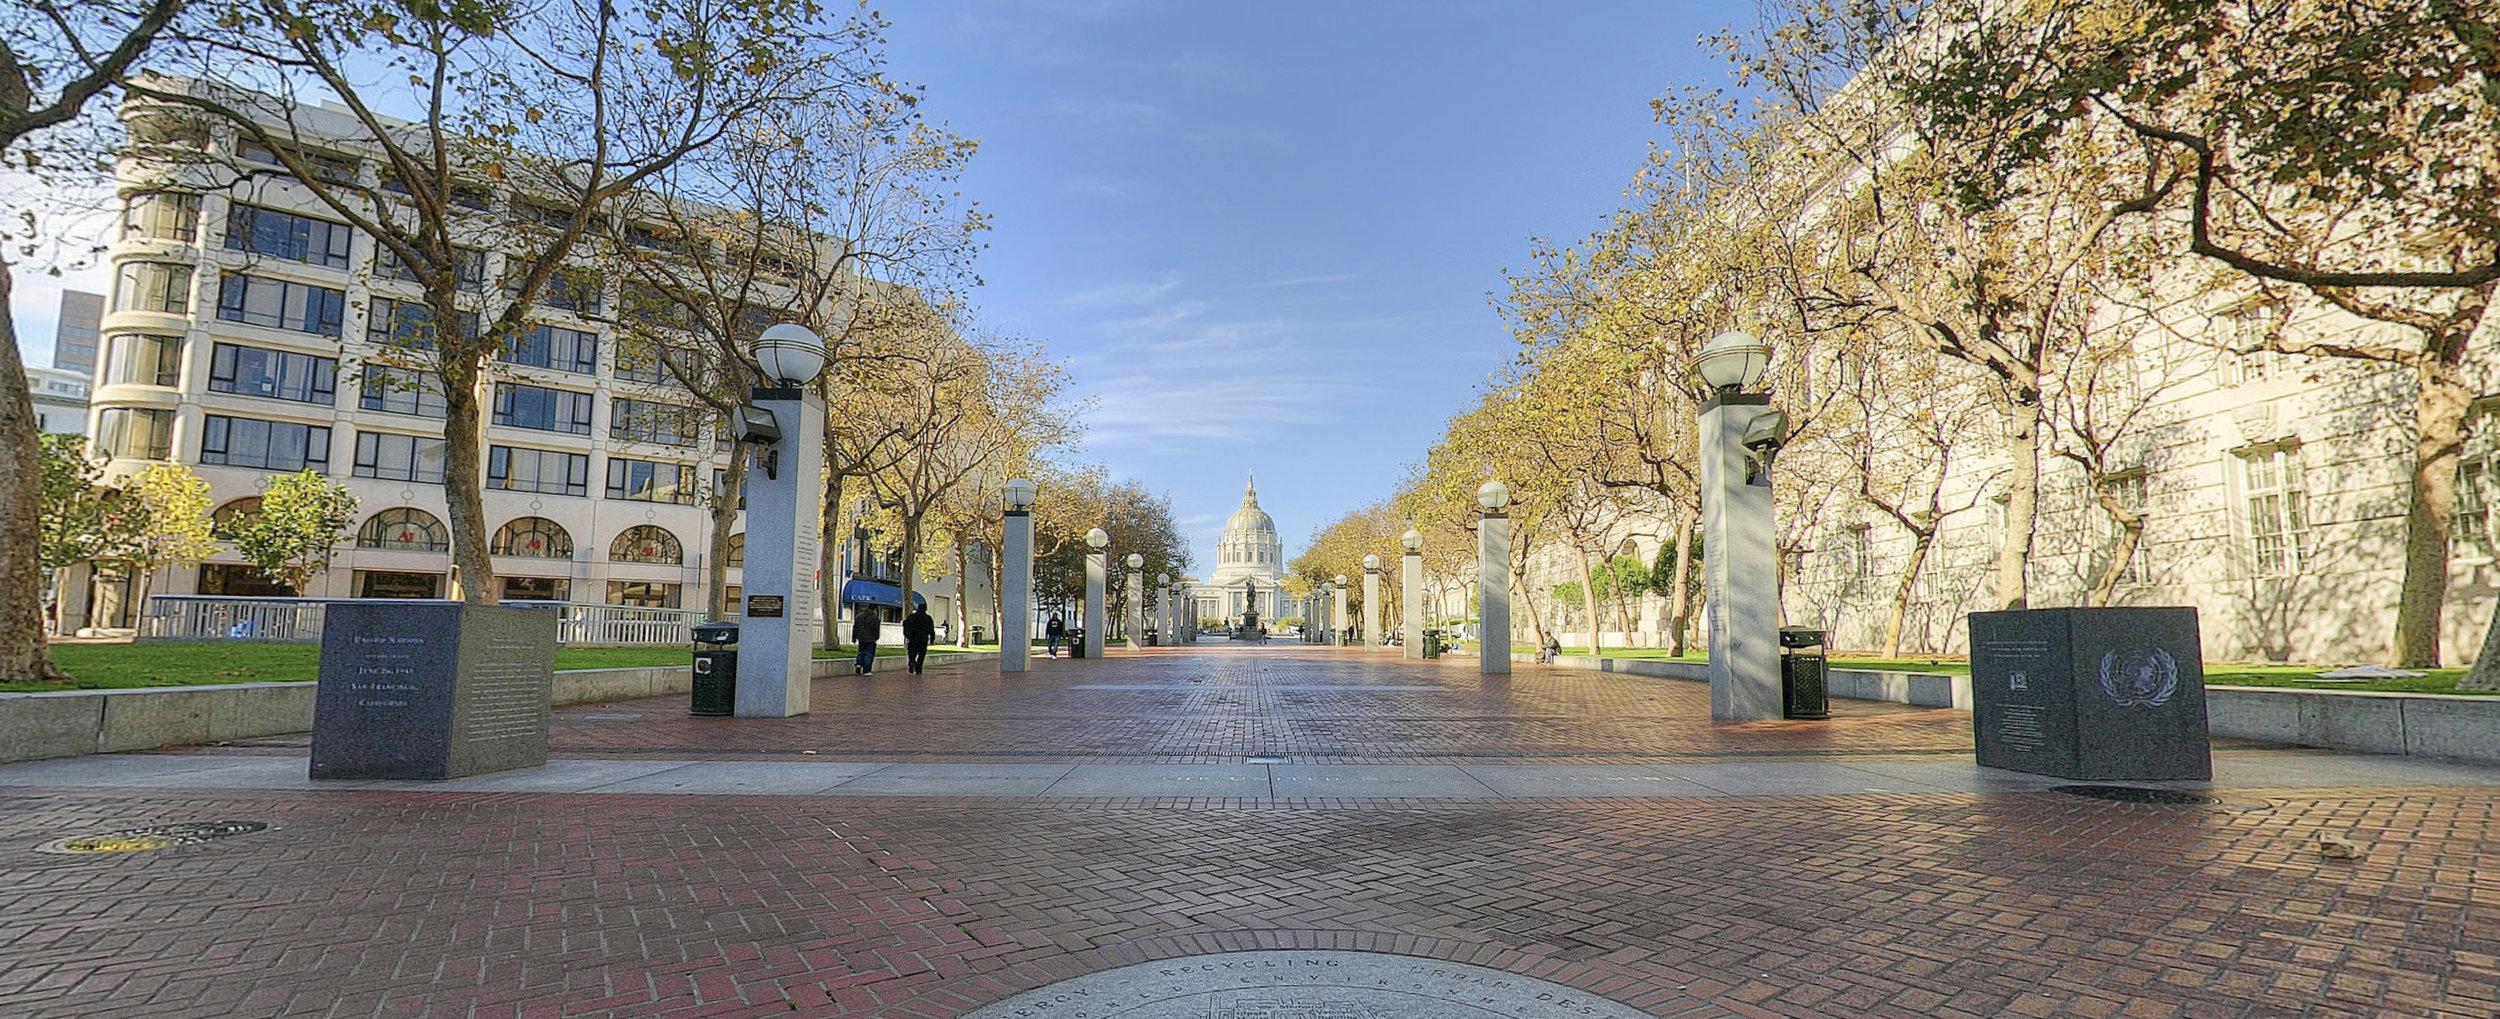 17 - un plaza 2015.jpg